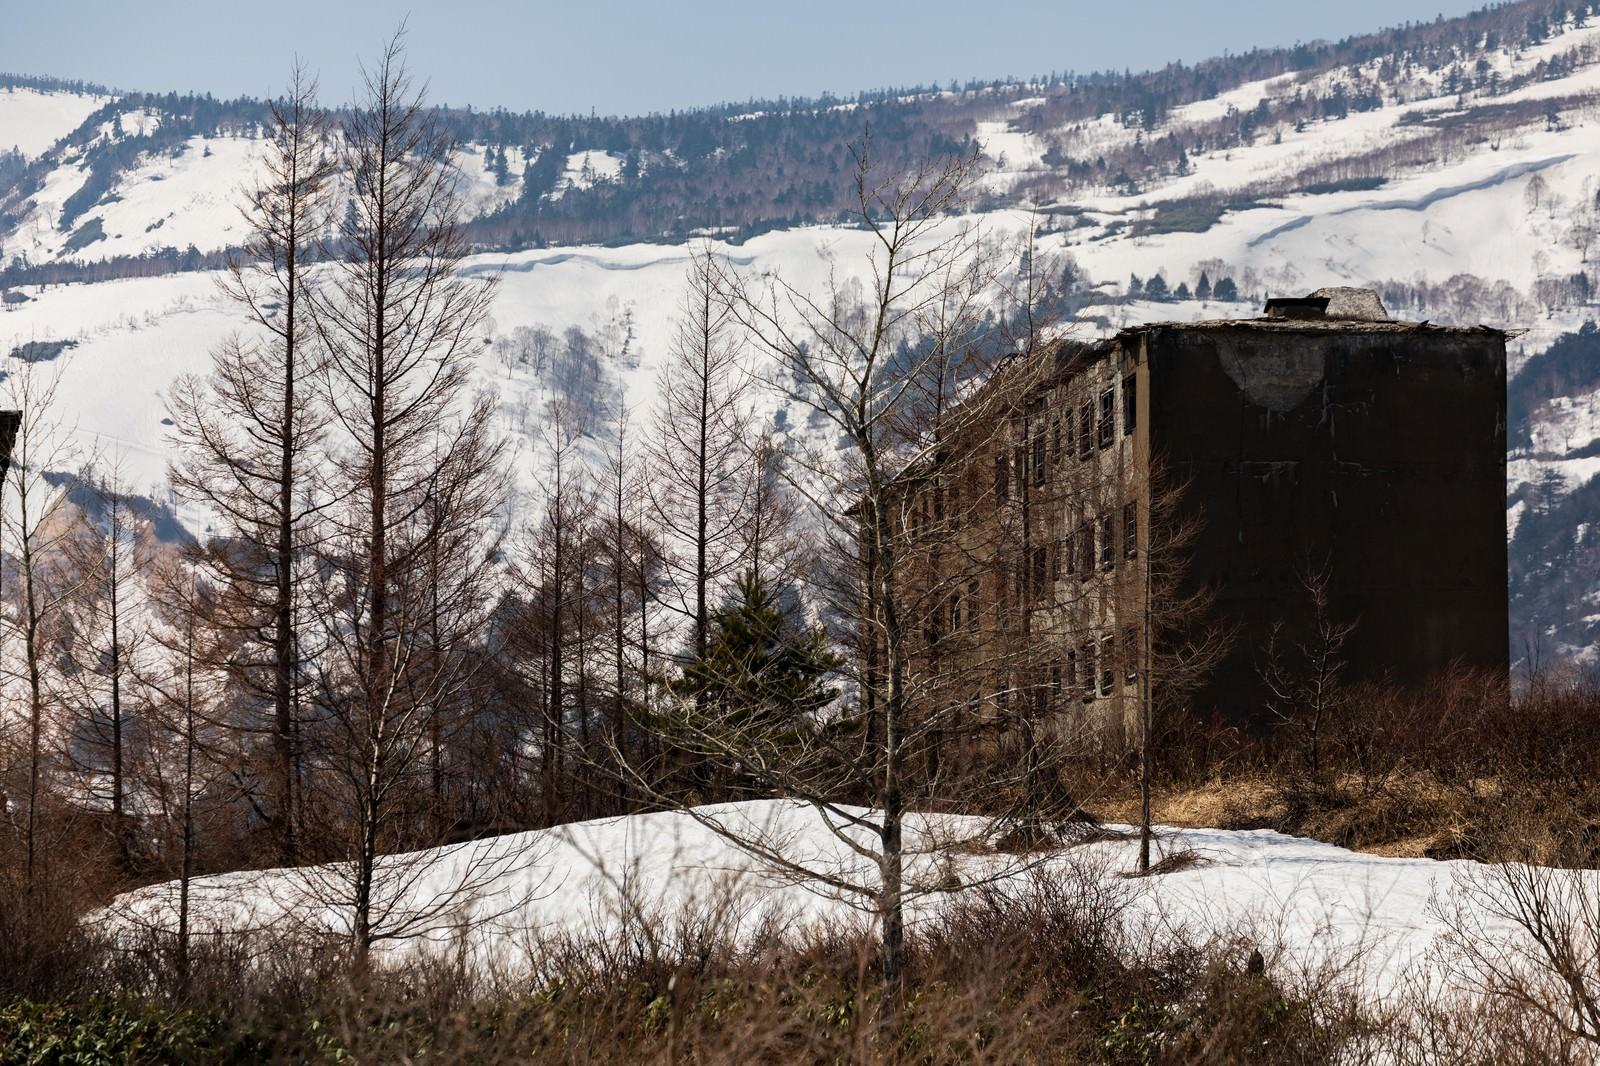 「残雪の中の松尾鉱山宿舎跡」の写真